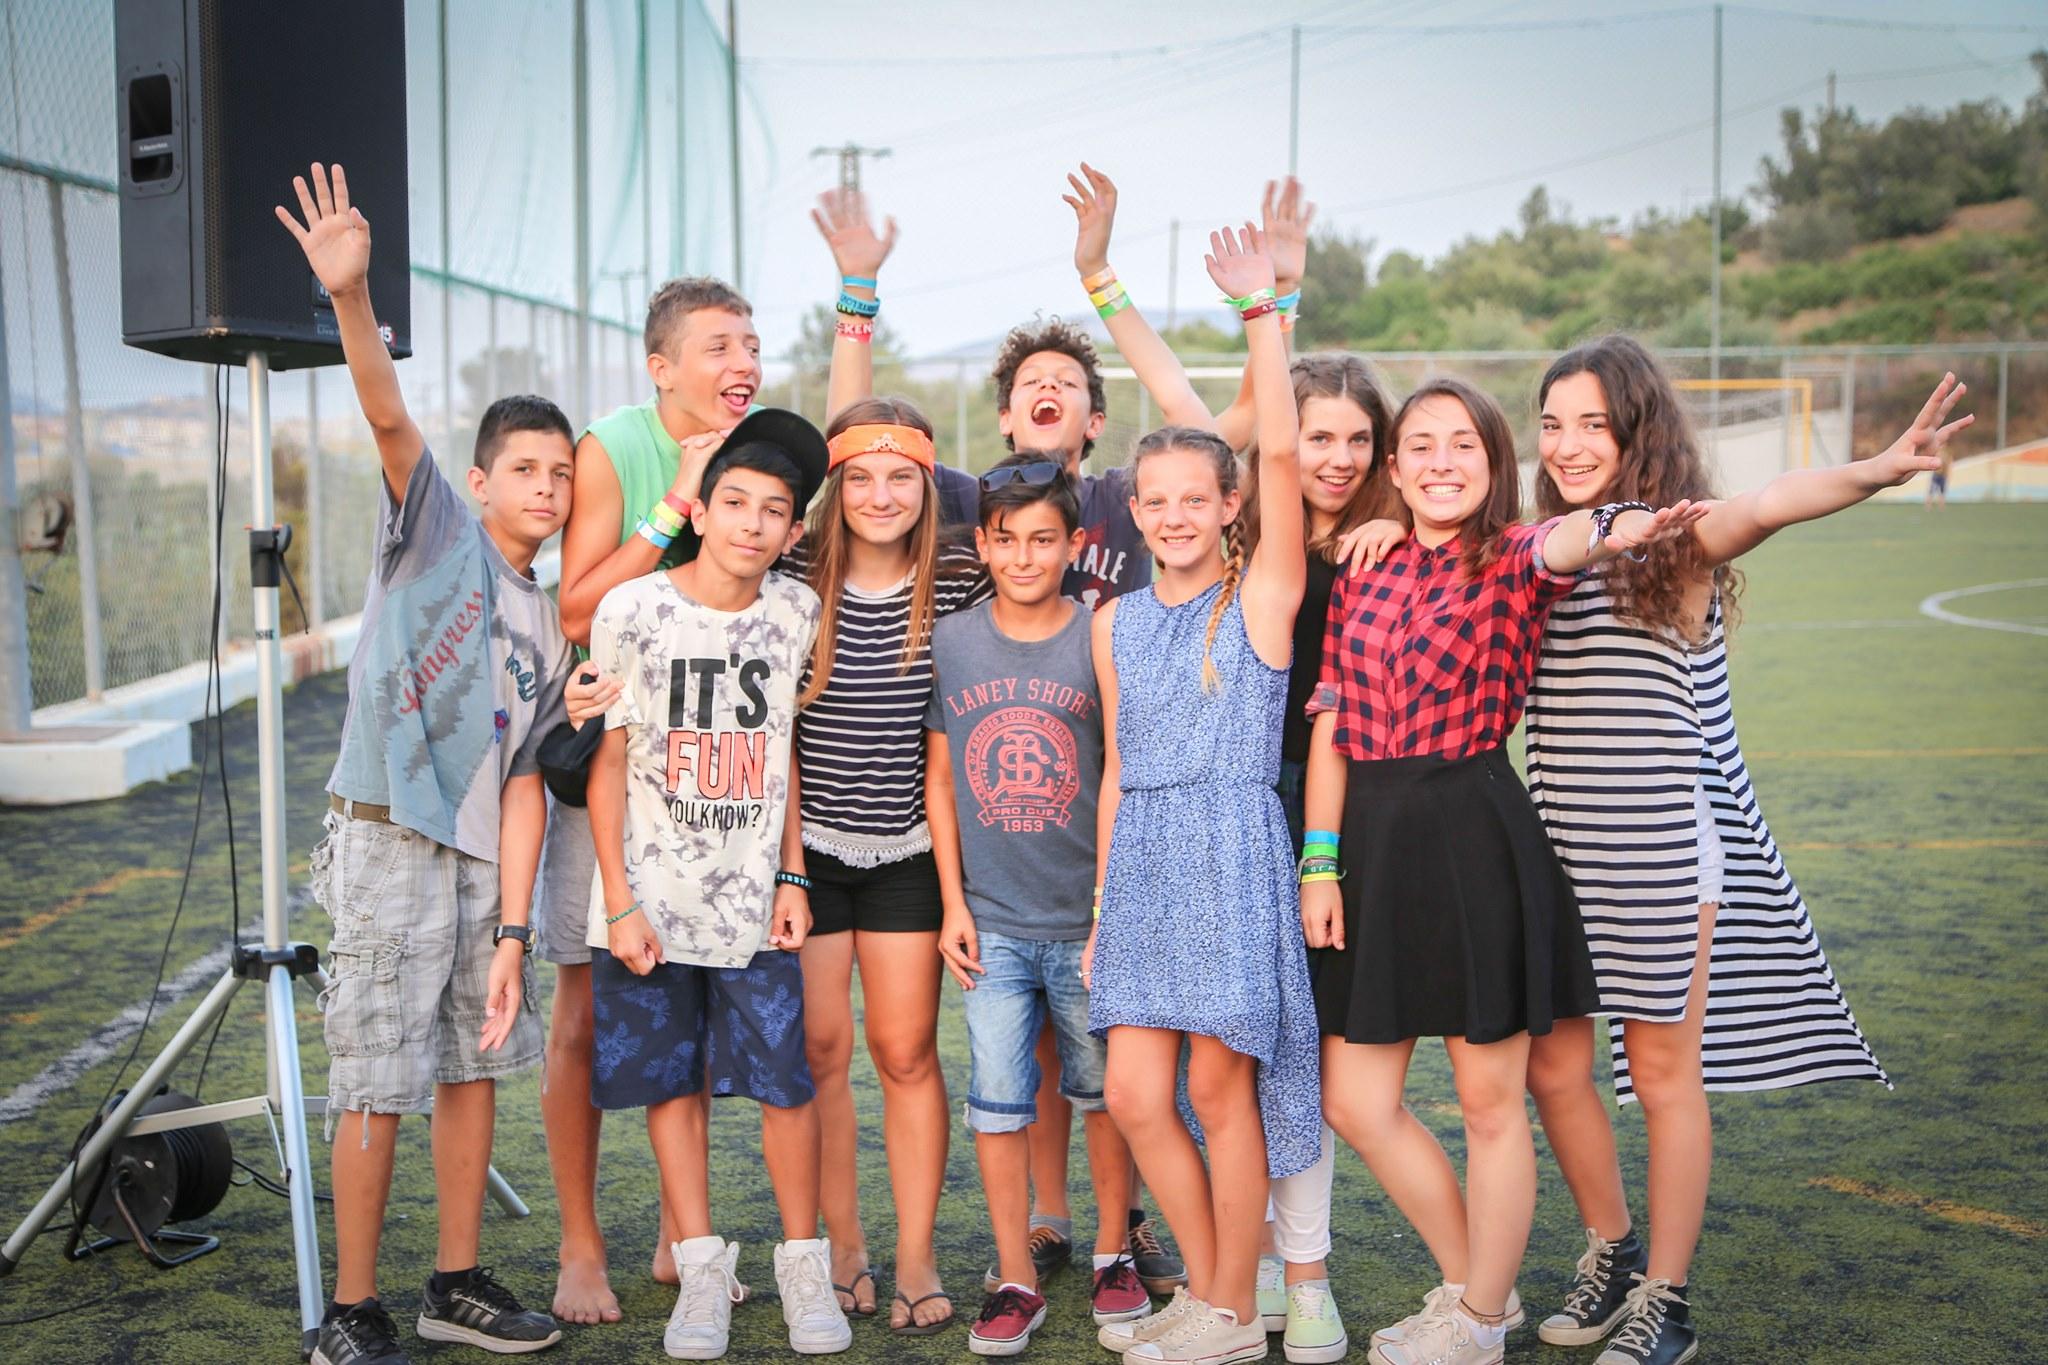 AMG serves displaced refugees in Greece